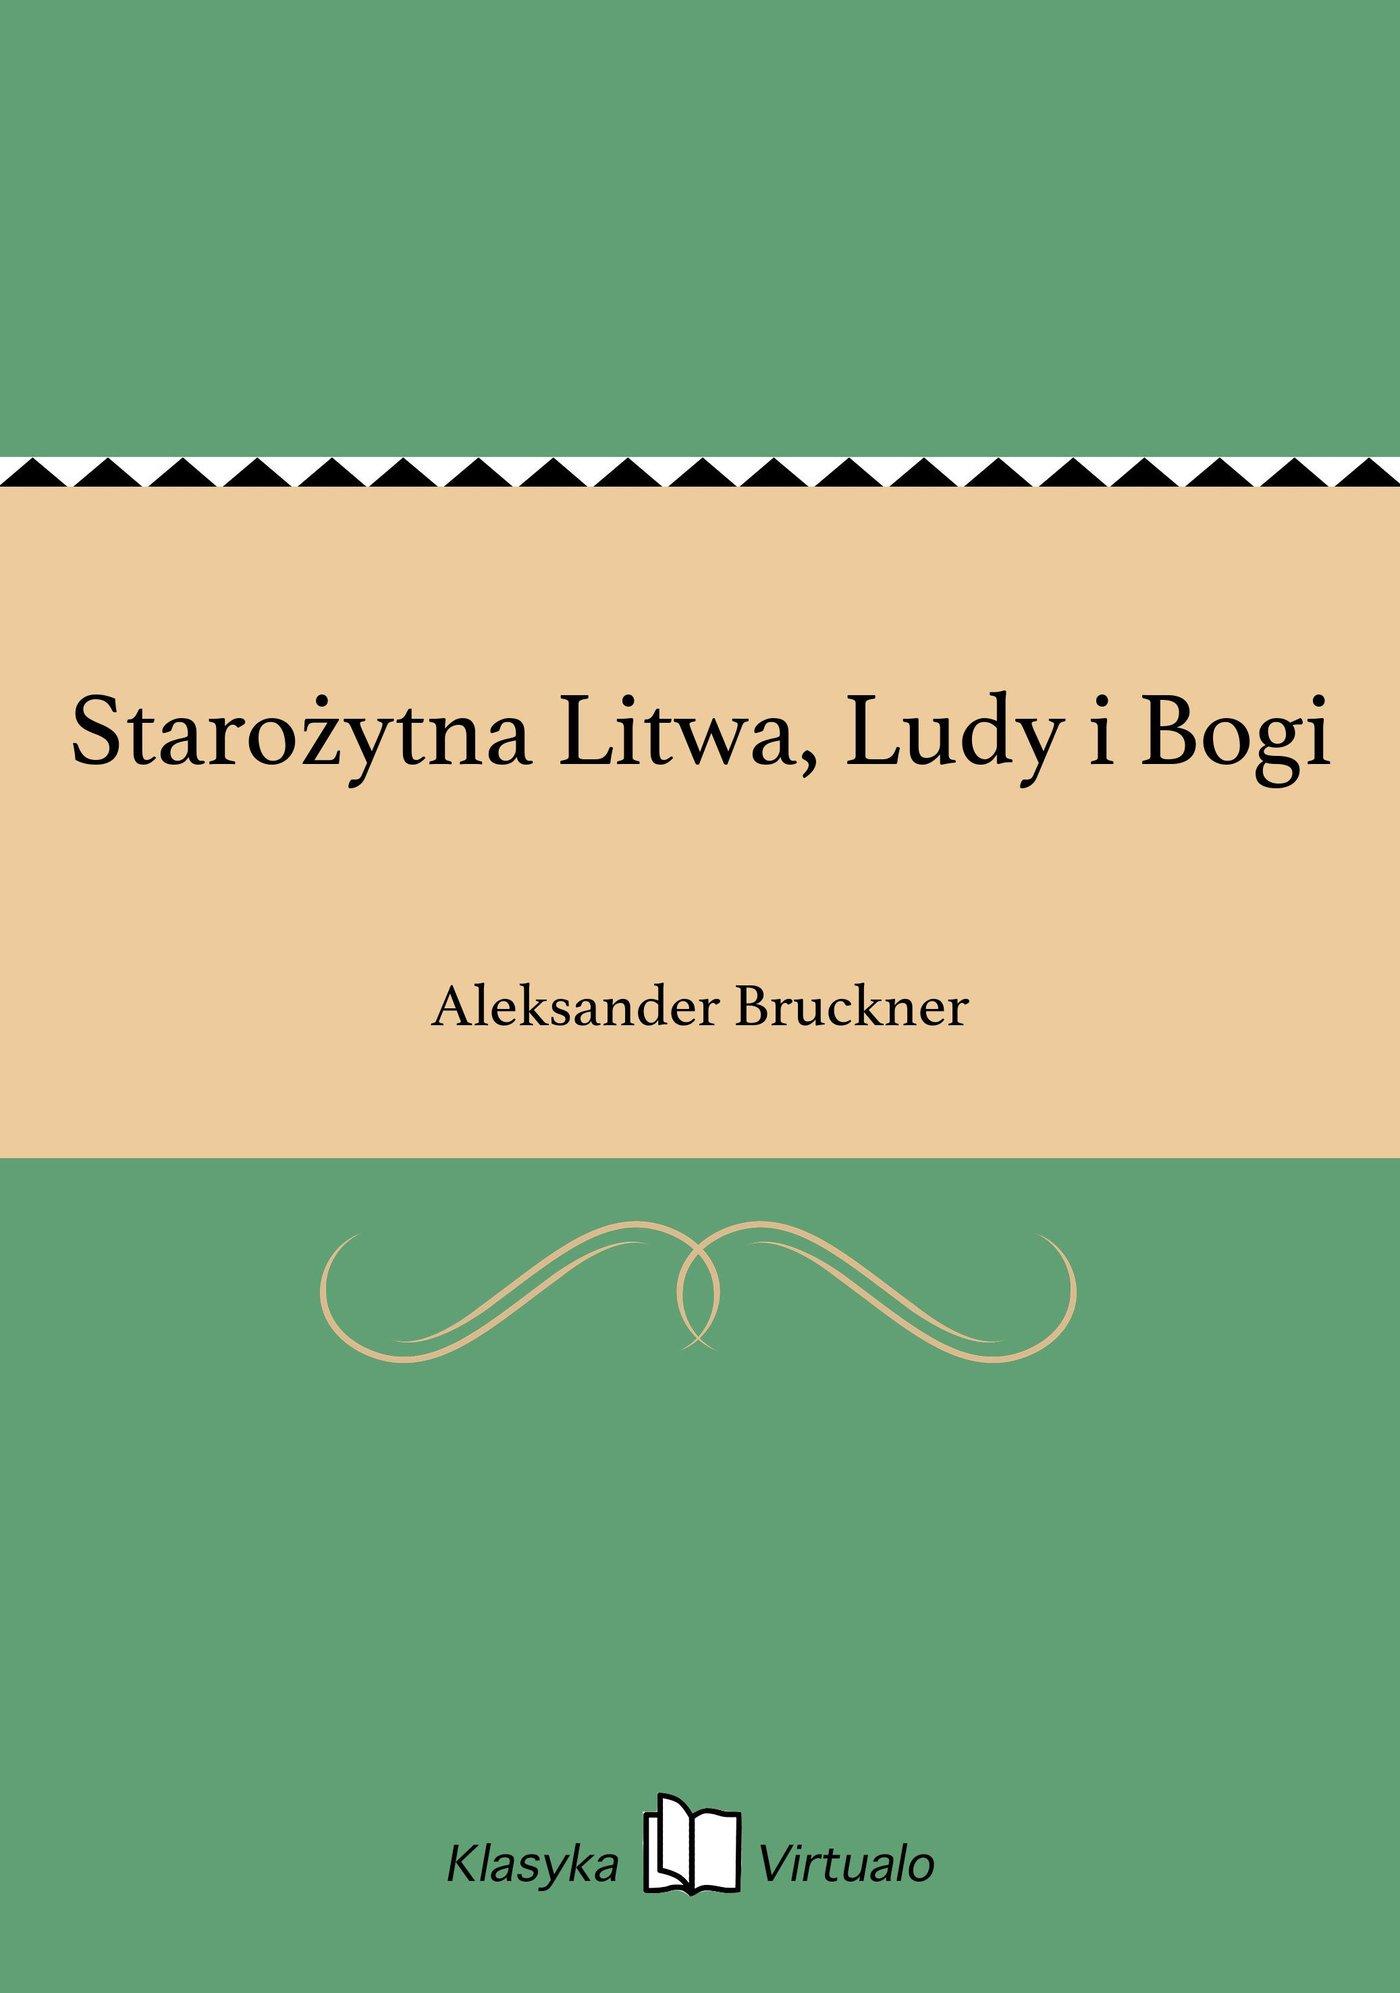 Starożytna Litwa, Ludy i Bogi - Ebook (Książka EPUB) do pobrania w formacie EPUB